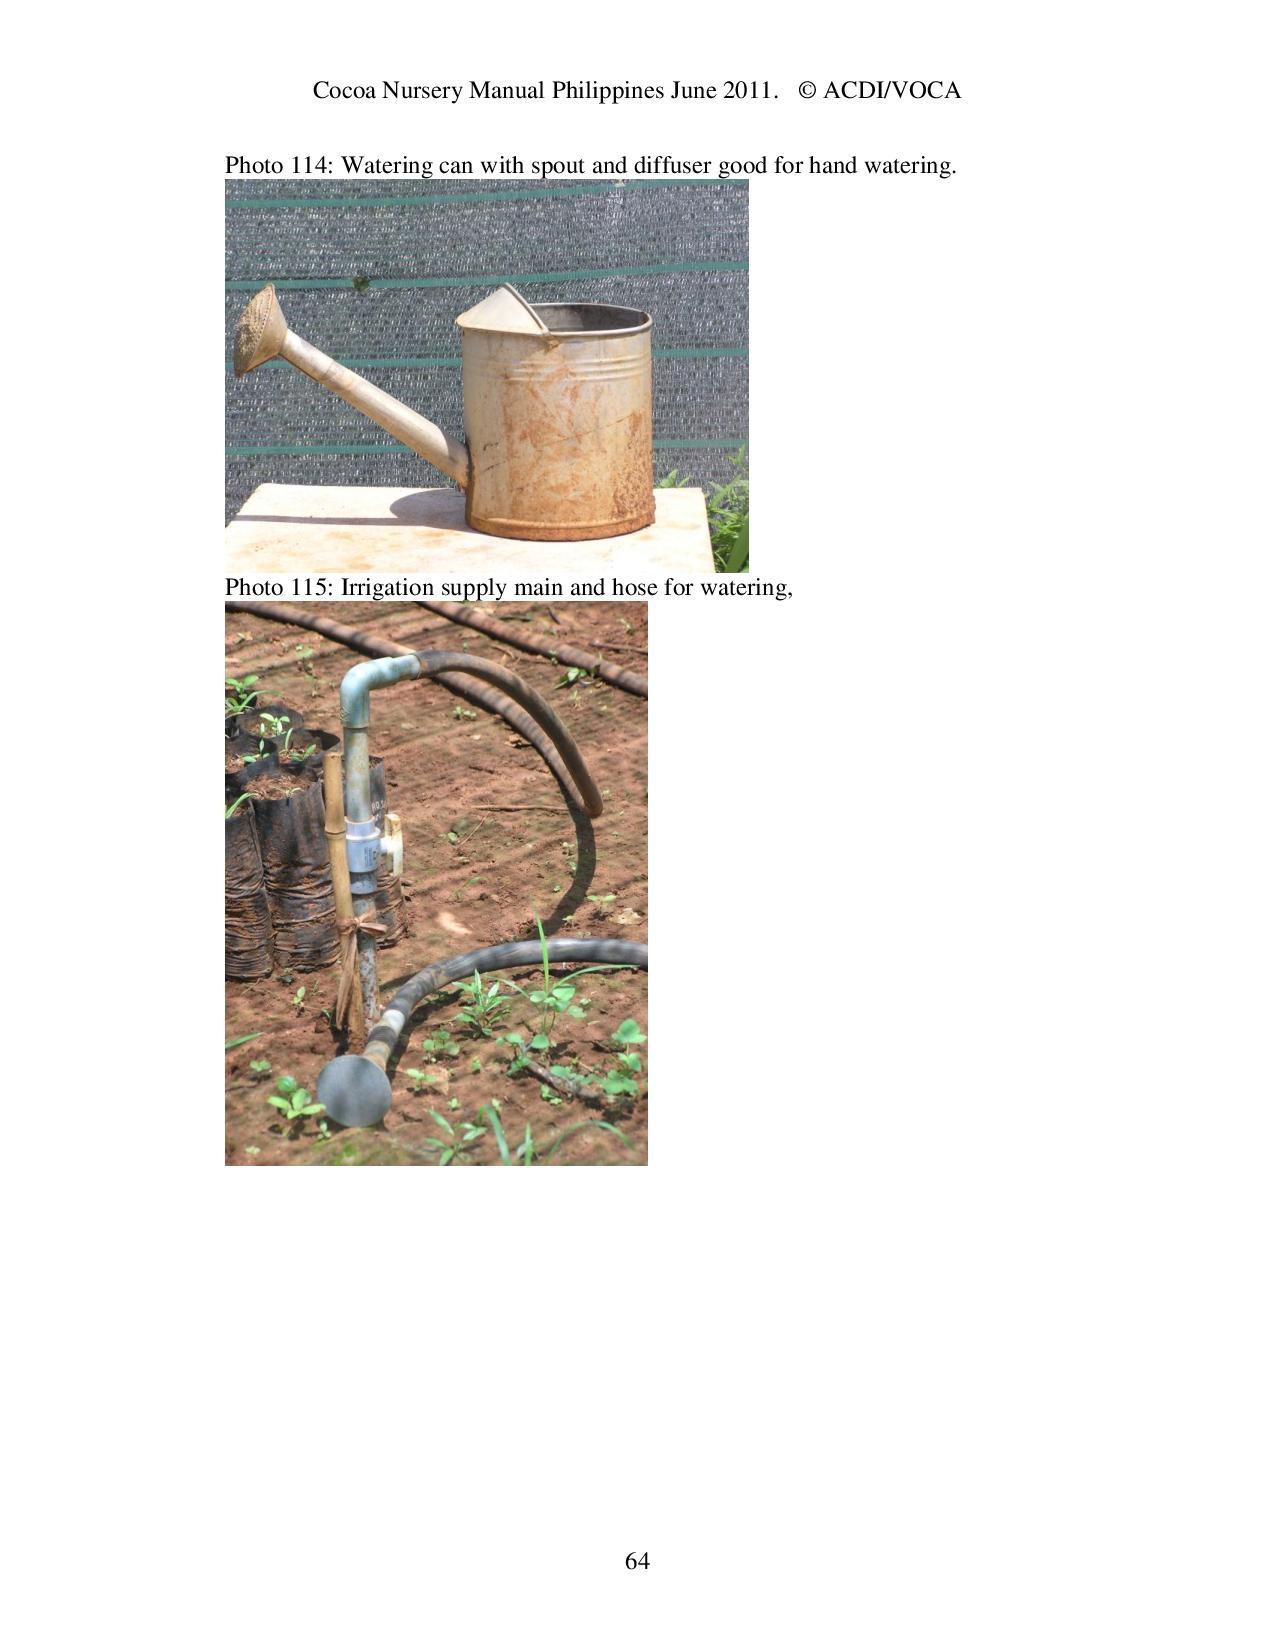 Cocoa-Nursery-Manual-2011_acdi-voca-page-064